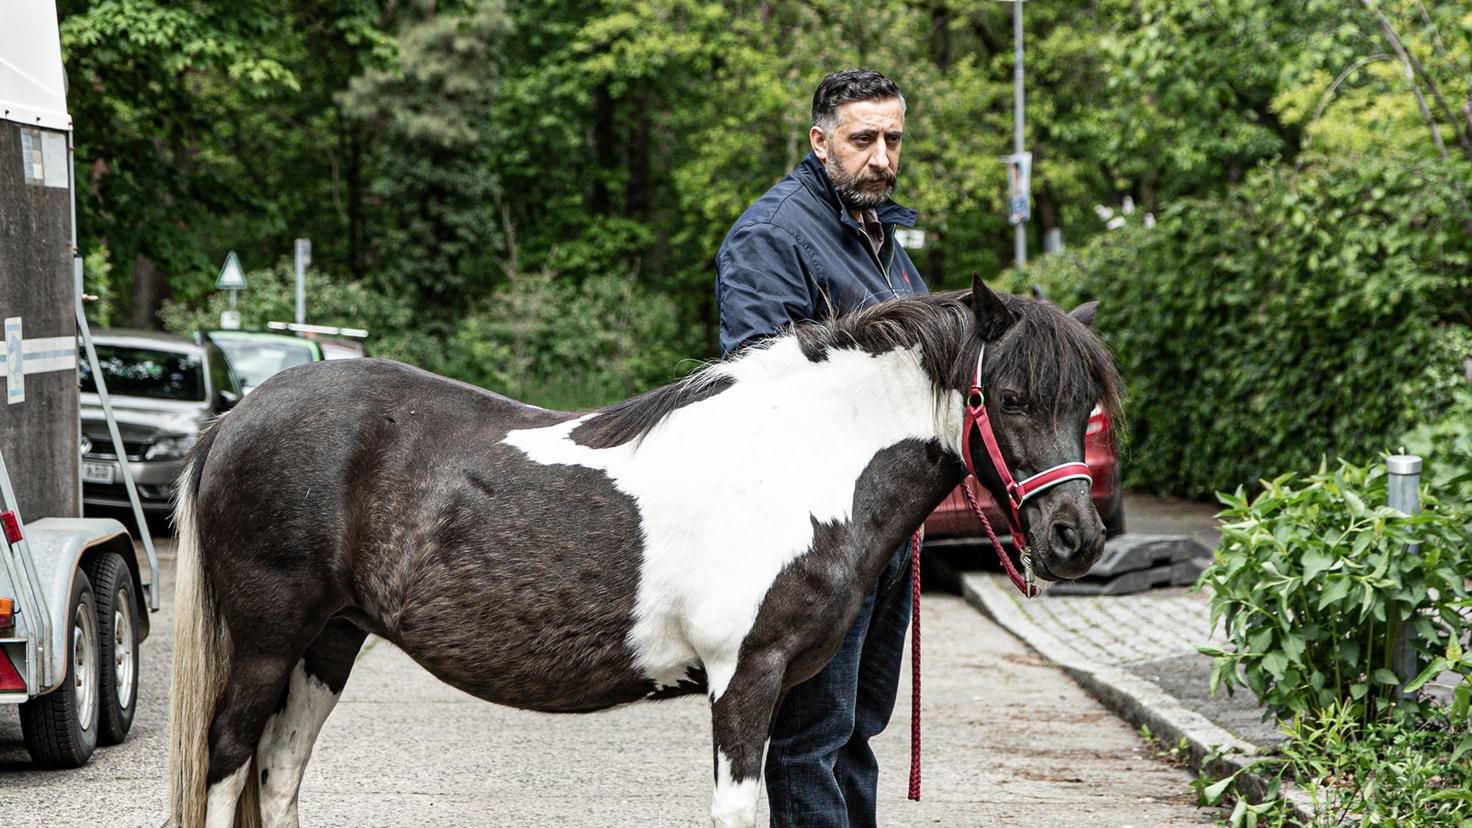 Ich glaub, mich tritt ein Pferd! Toni scheint wirklich zum Normalo zu werden.